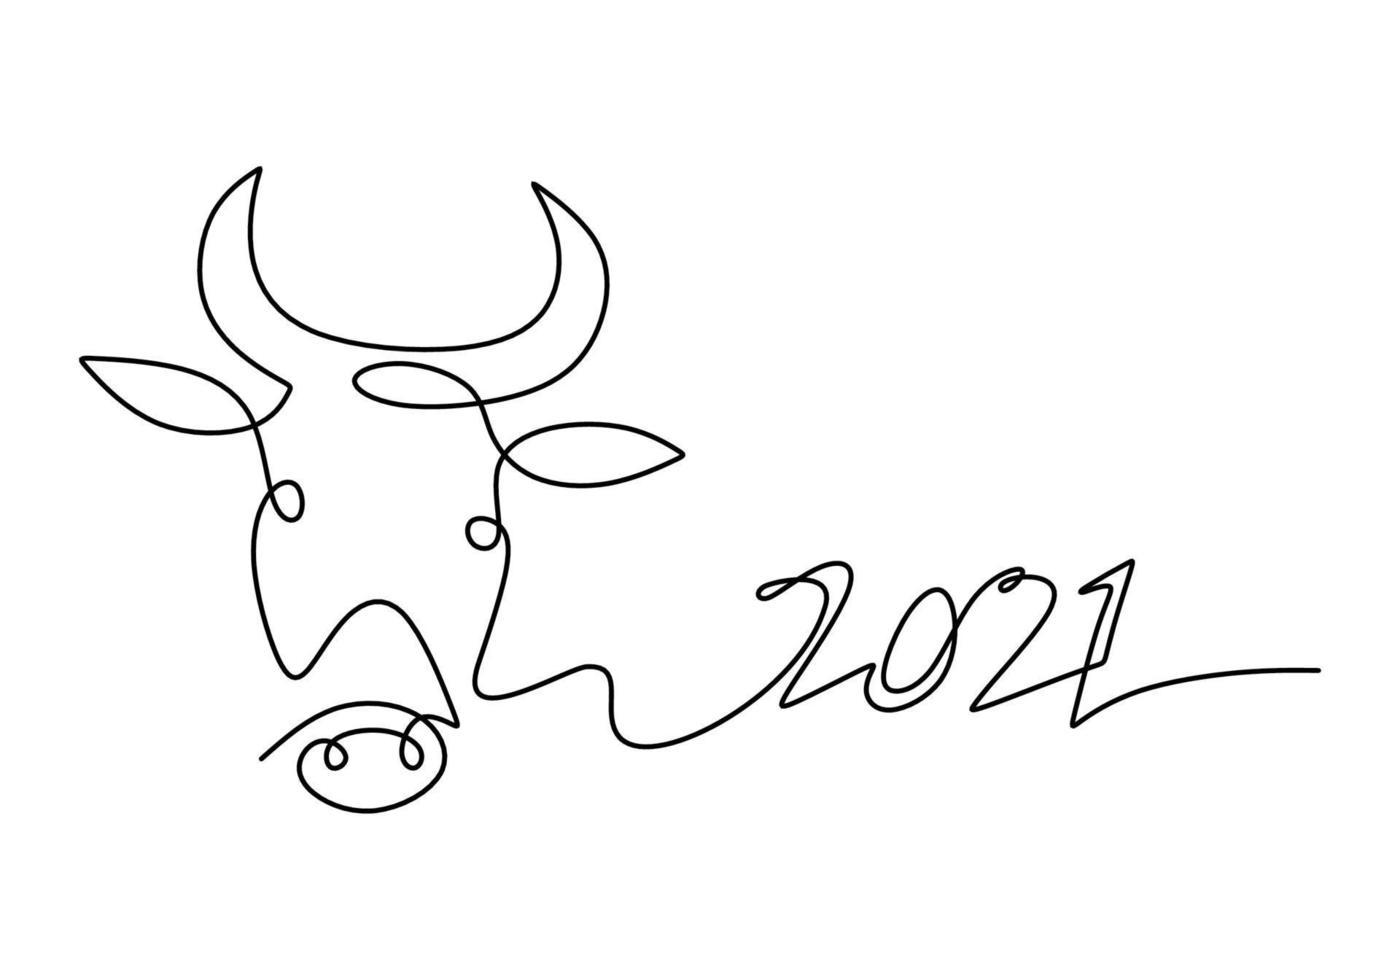 stier continu één lijntekening. symbool van het nieuwe jaar 2021. het concept van kracht, vertrouwen en betrouwbaarheid geïsoleerd op een witte achtergrond. gelukkig osjaar eenvoudig minimalisme ontwerp vector